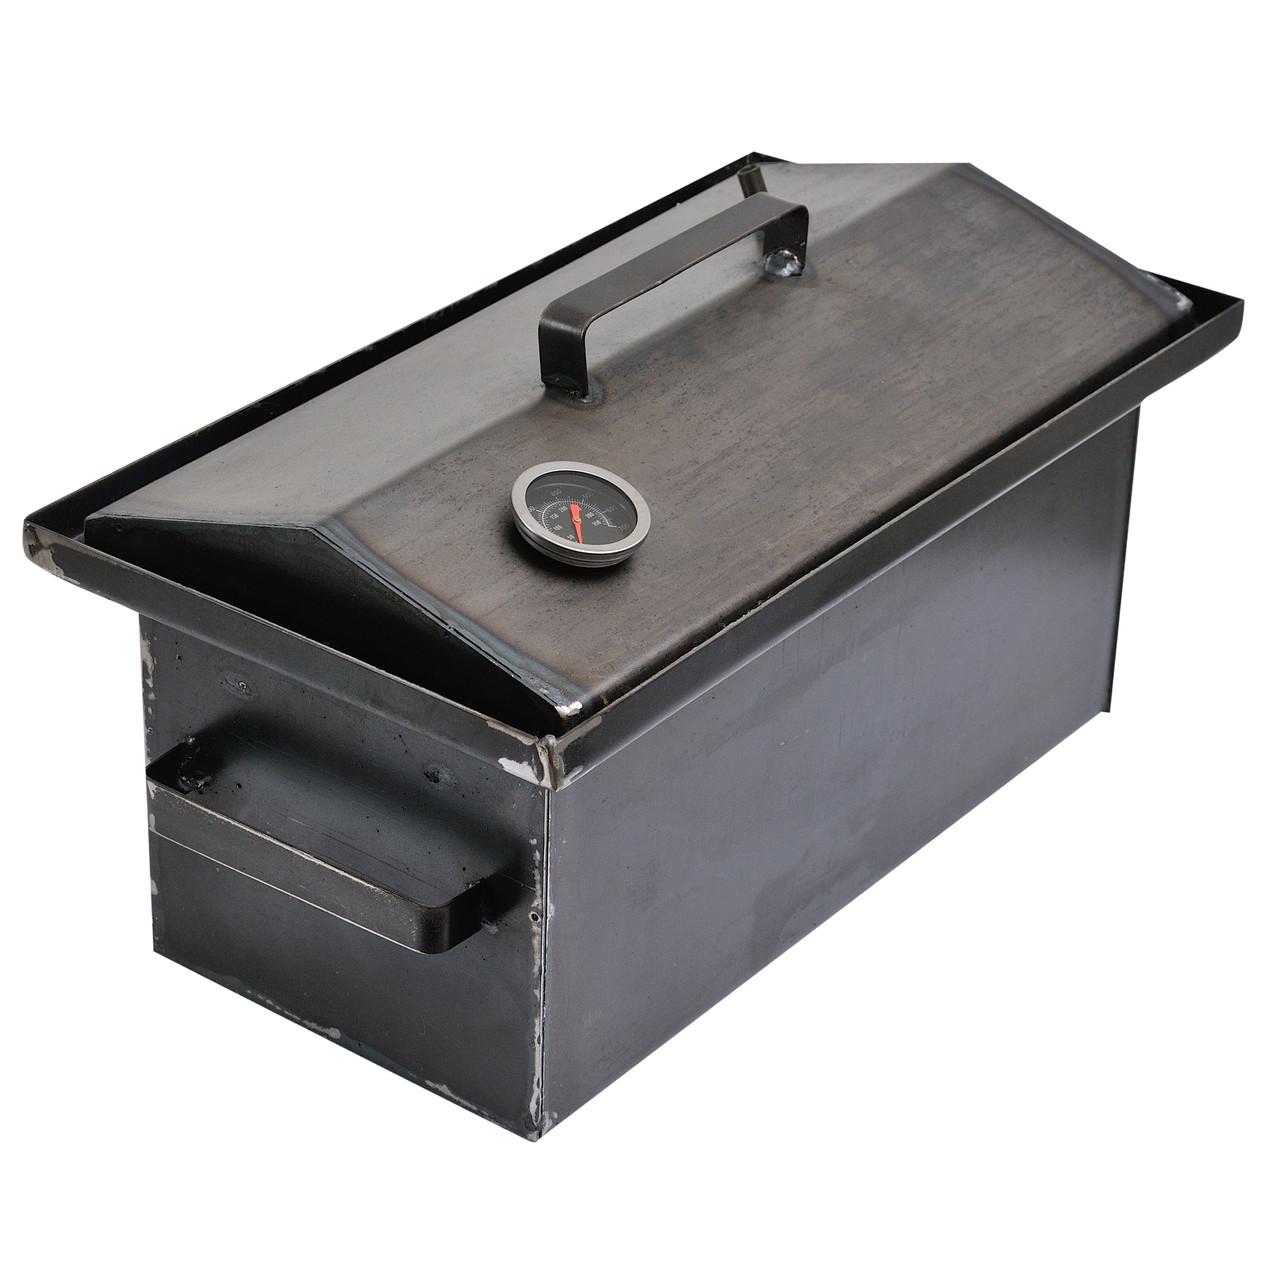 Коптильня горячего копчения 2мм 460х260х240мм с термометром (коптилка,каптилка)